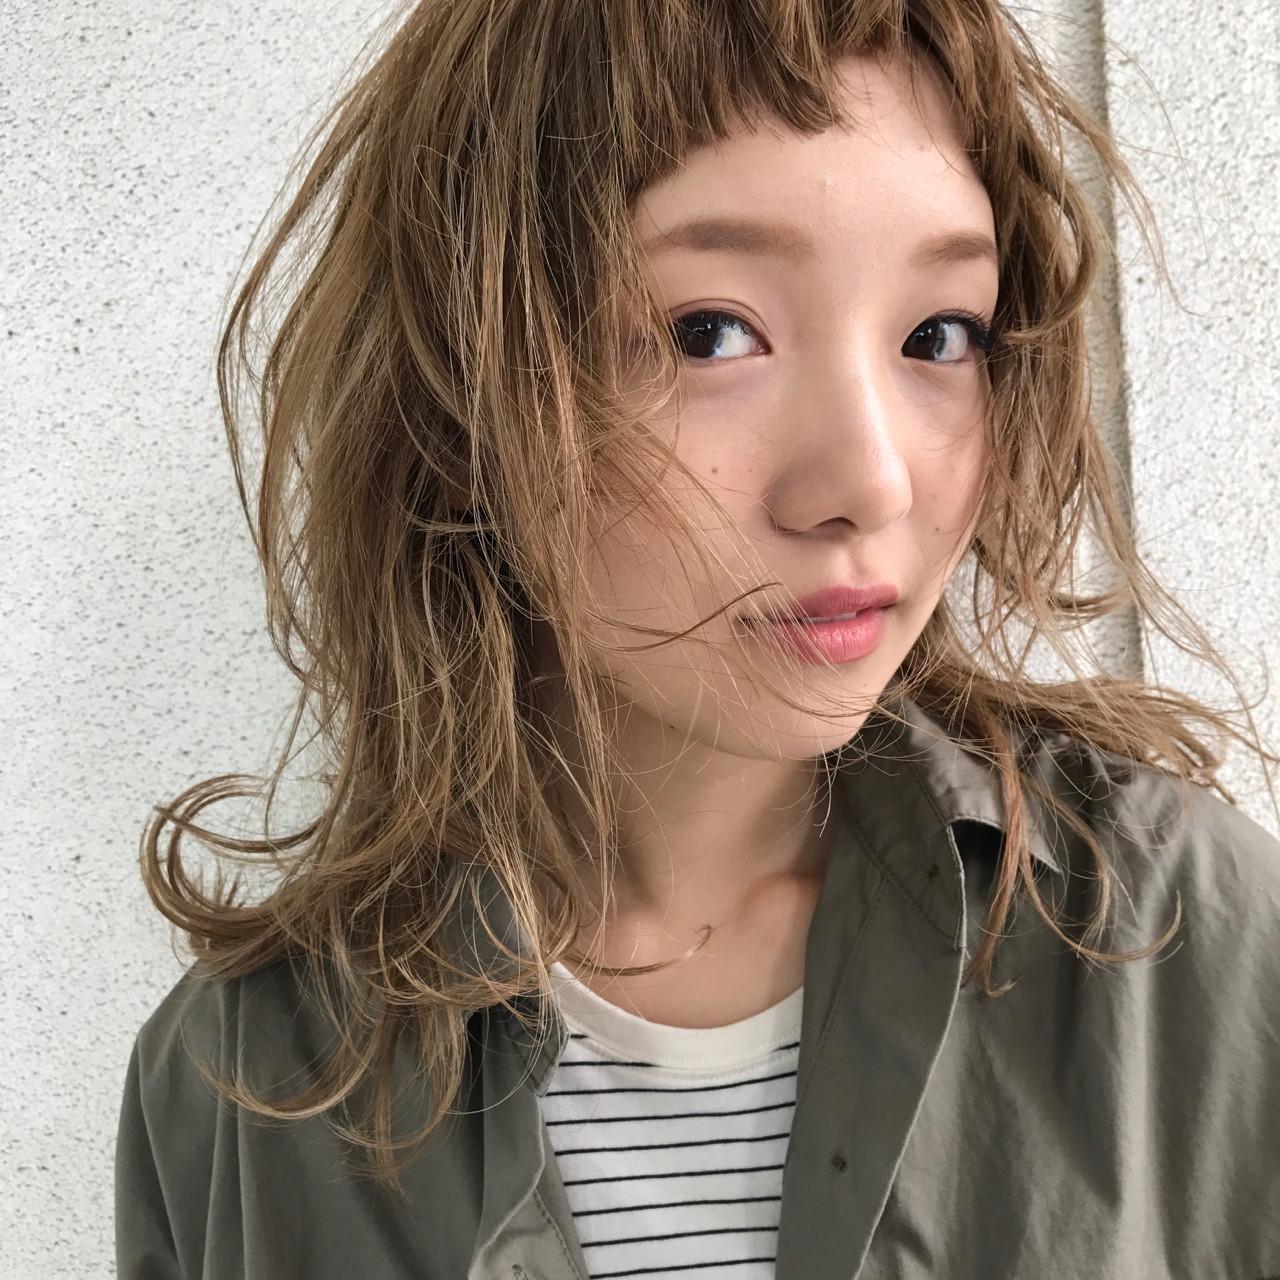 ミディアム パーマ レイヤーカット ウルフカット ヘアスタイルや髪型の写真・画像